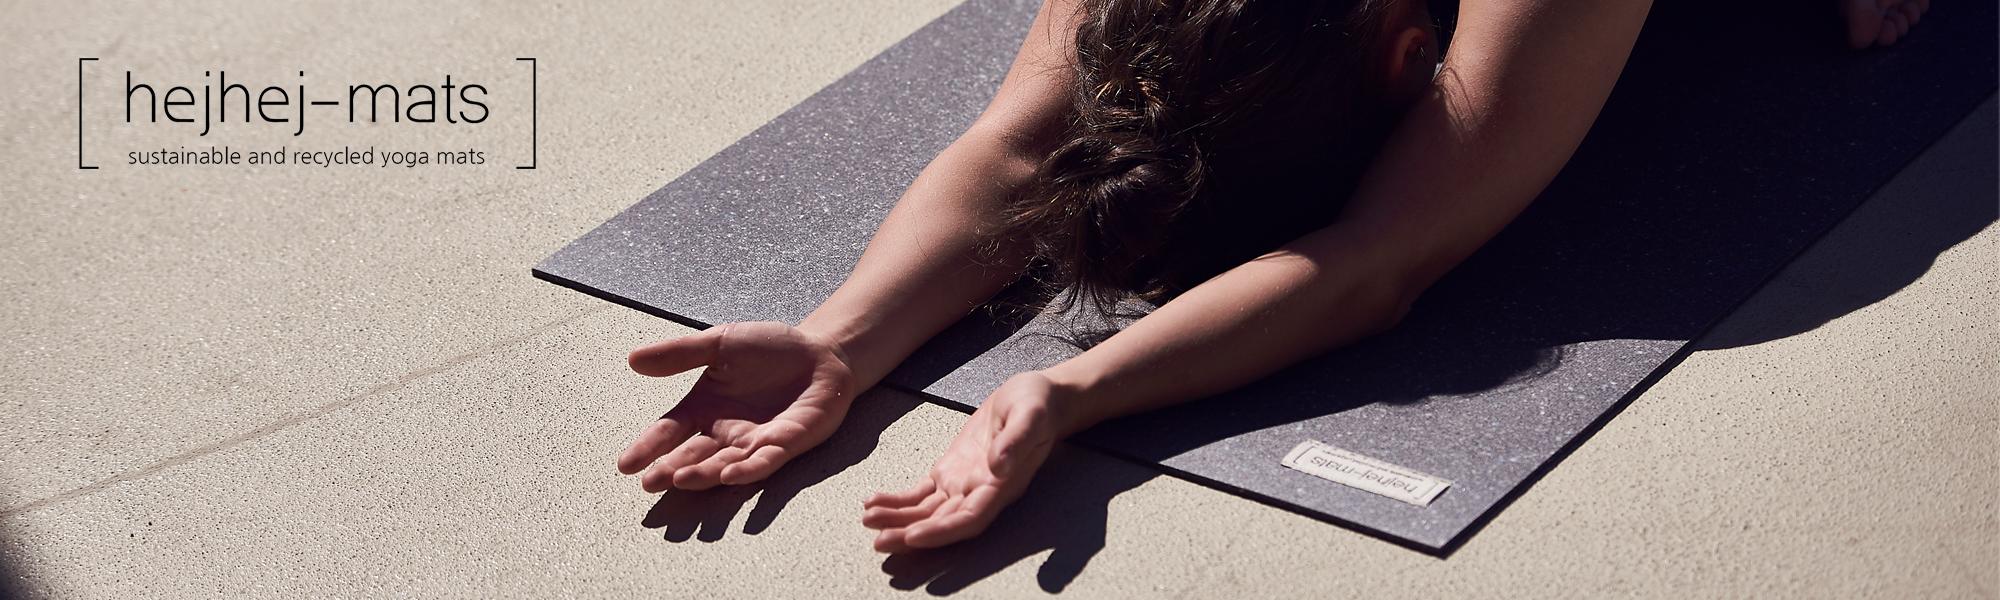 hejhej Yoga-Matten